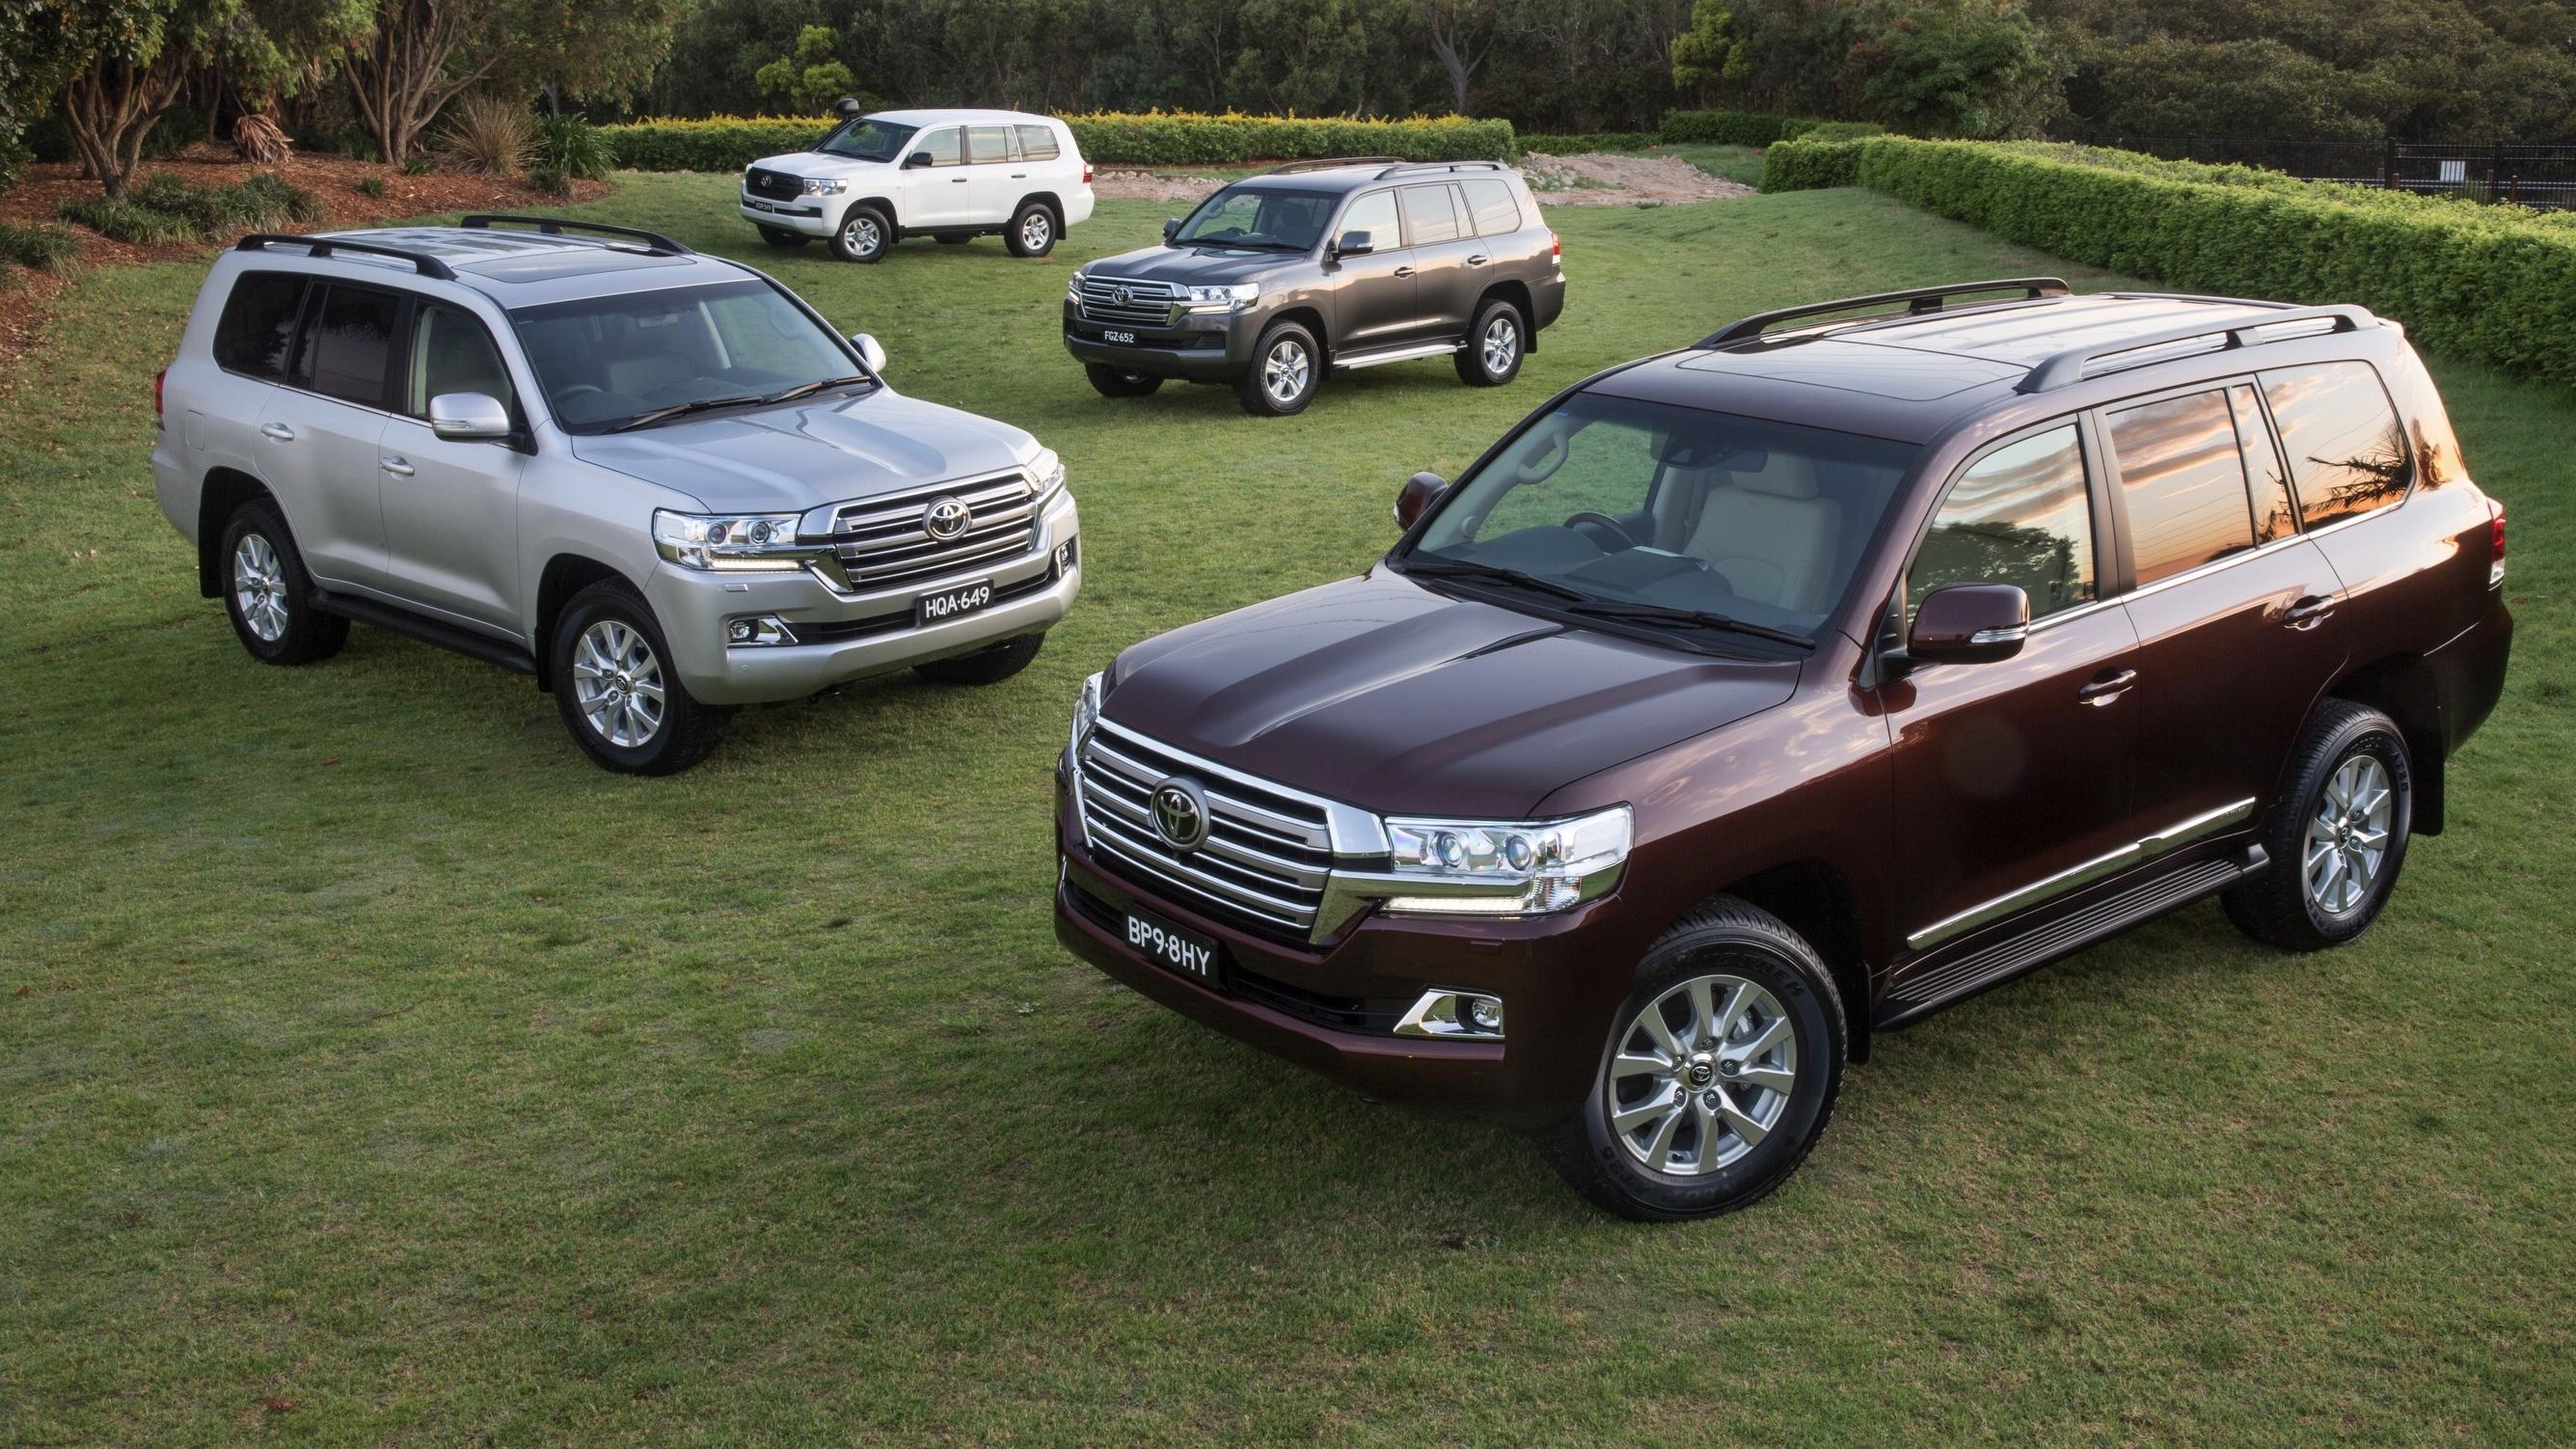 Kelebihan Kekurangan Toyota Lc 200 Spesifikasi